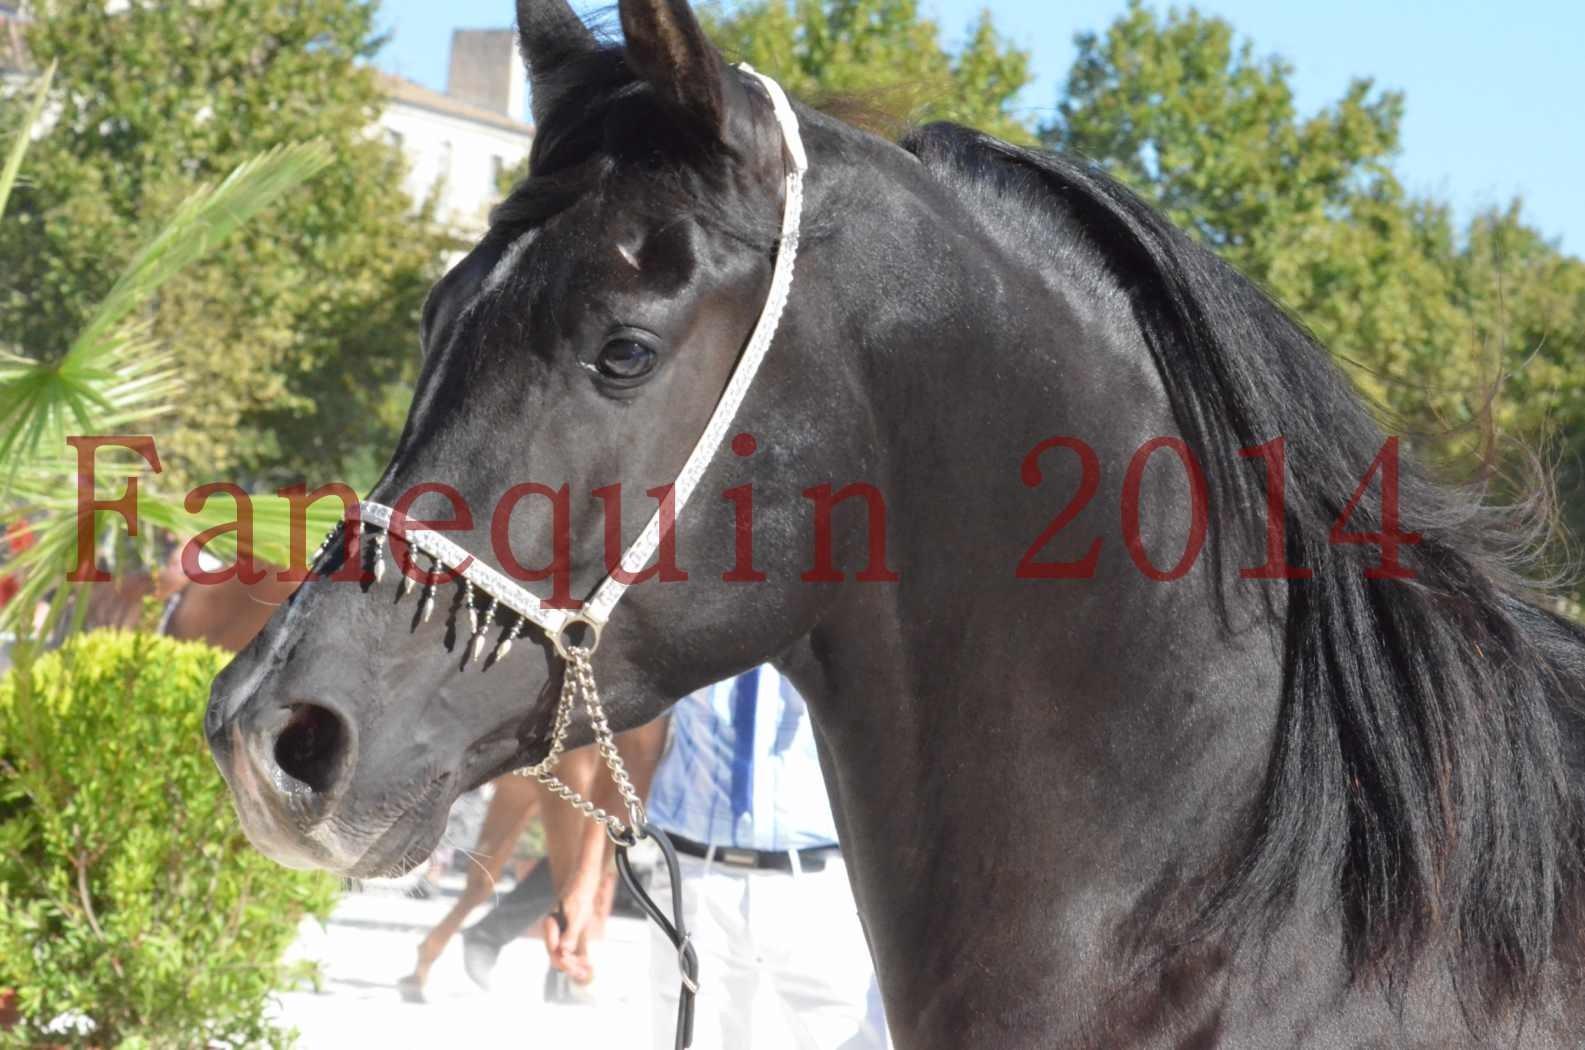 Concours National de Nîmes de chevaux ARABES 2014 - Sélection - Portraits - BALTYK DE CHAUMONT - 01